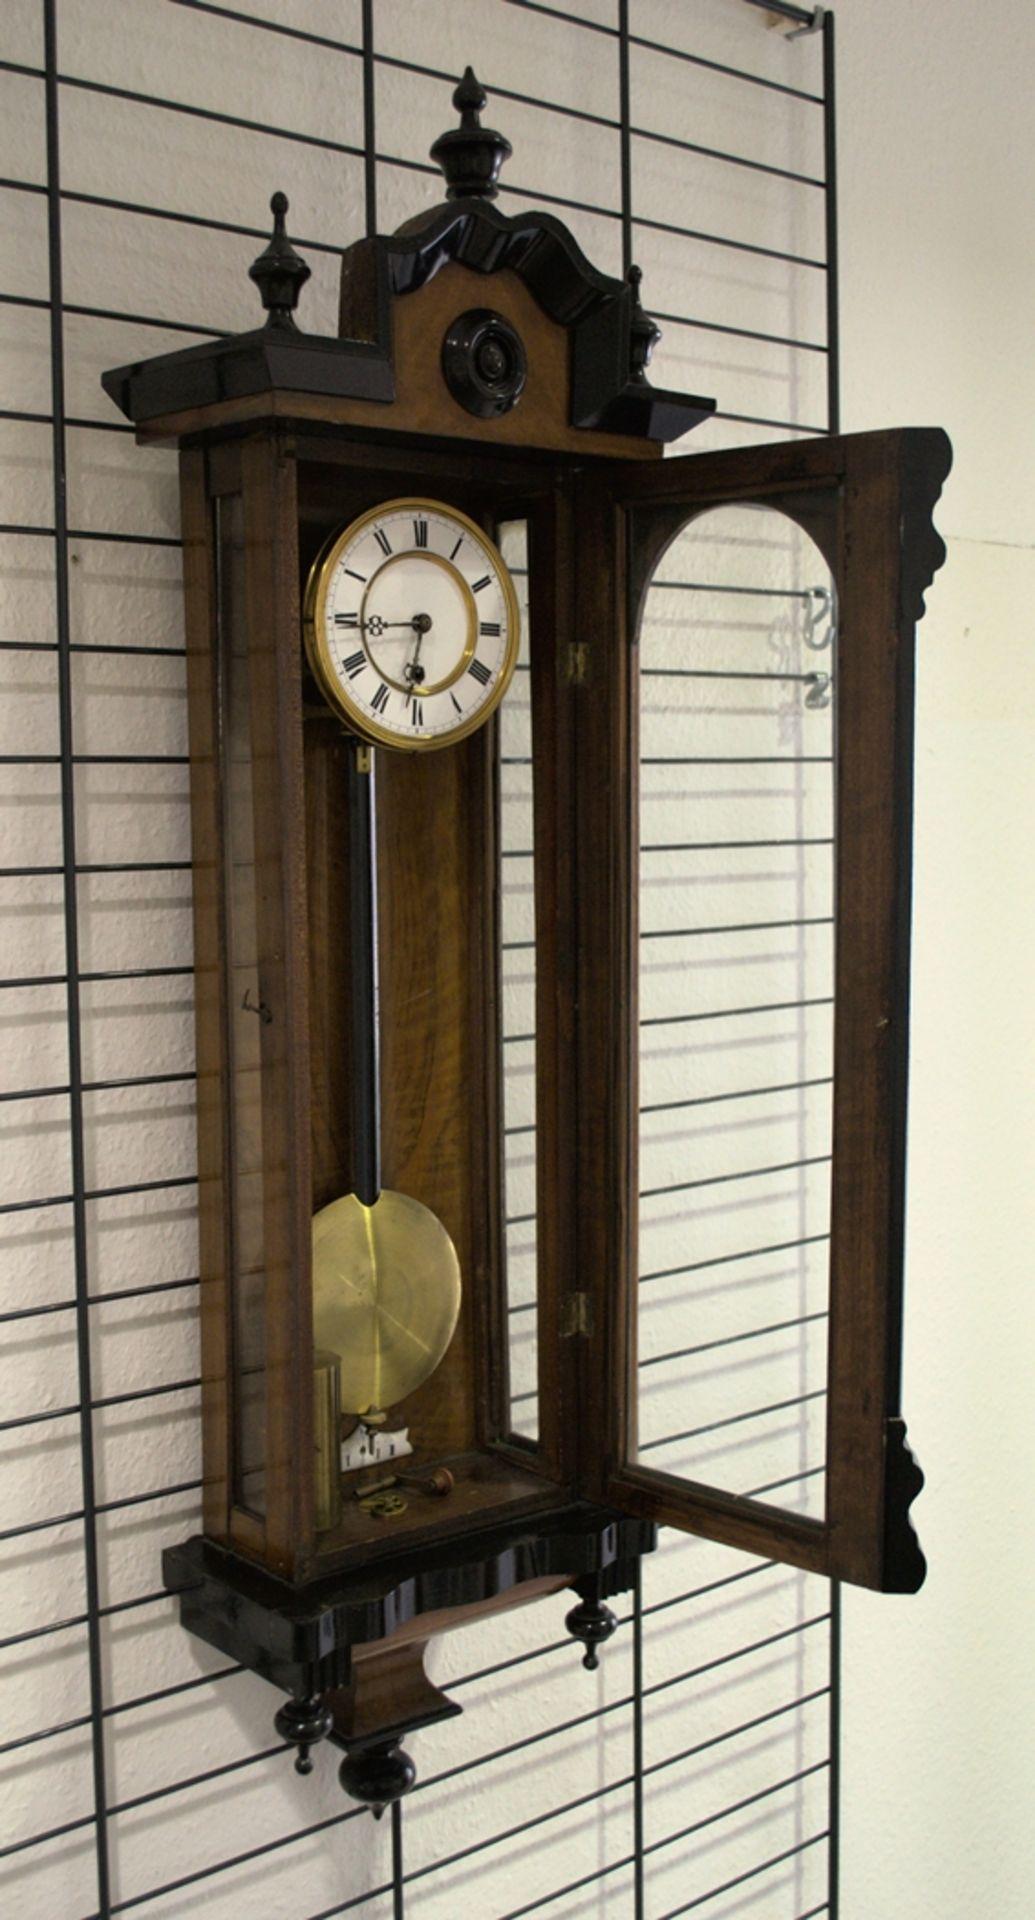 Wandregulator, eingewichtige, mechanische Wanduhr im Nussbaumgehäuse. Werk ungeprüft. Höhe ca. 95 - Bild 3 aus 19